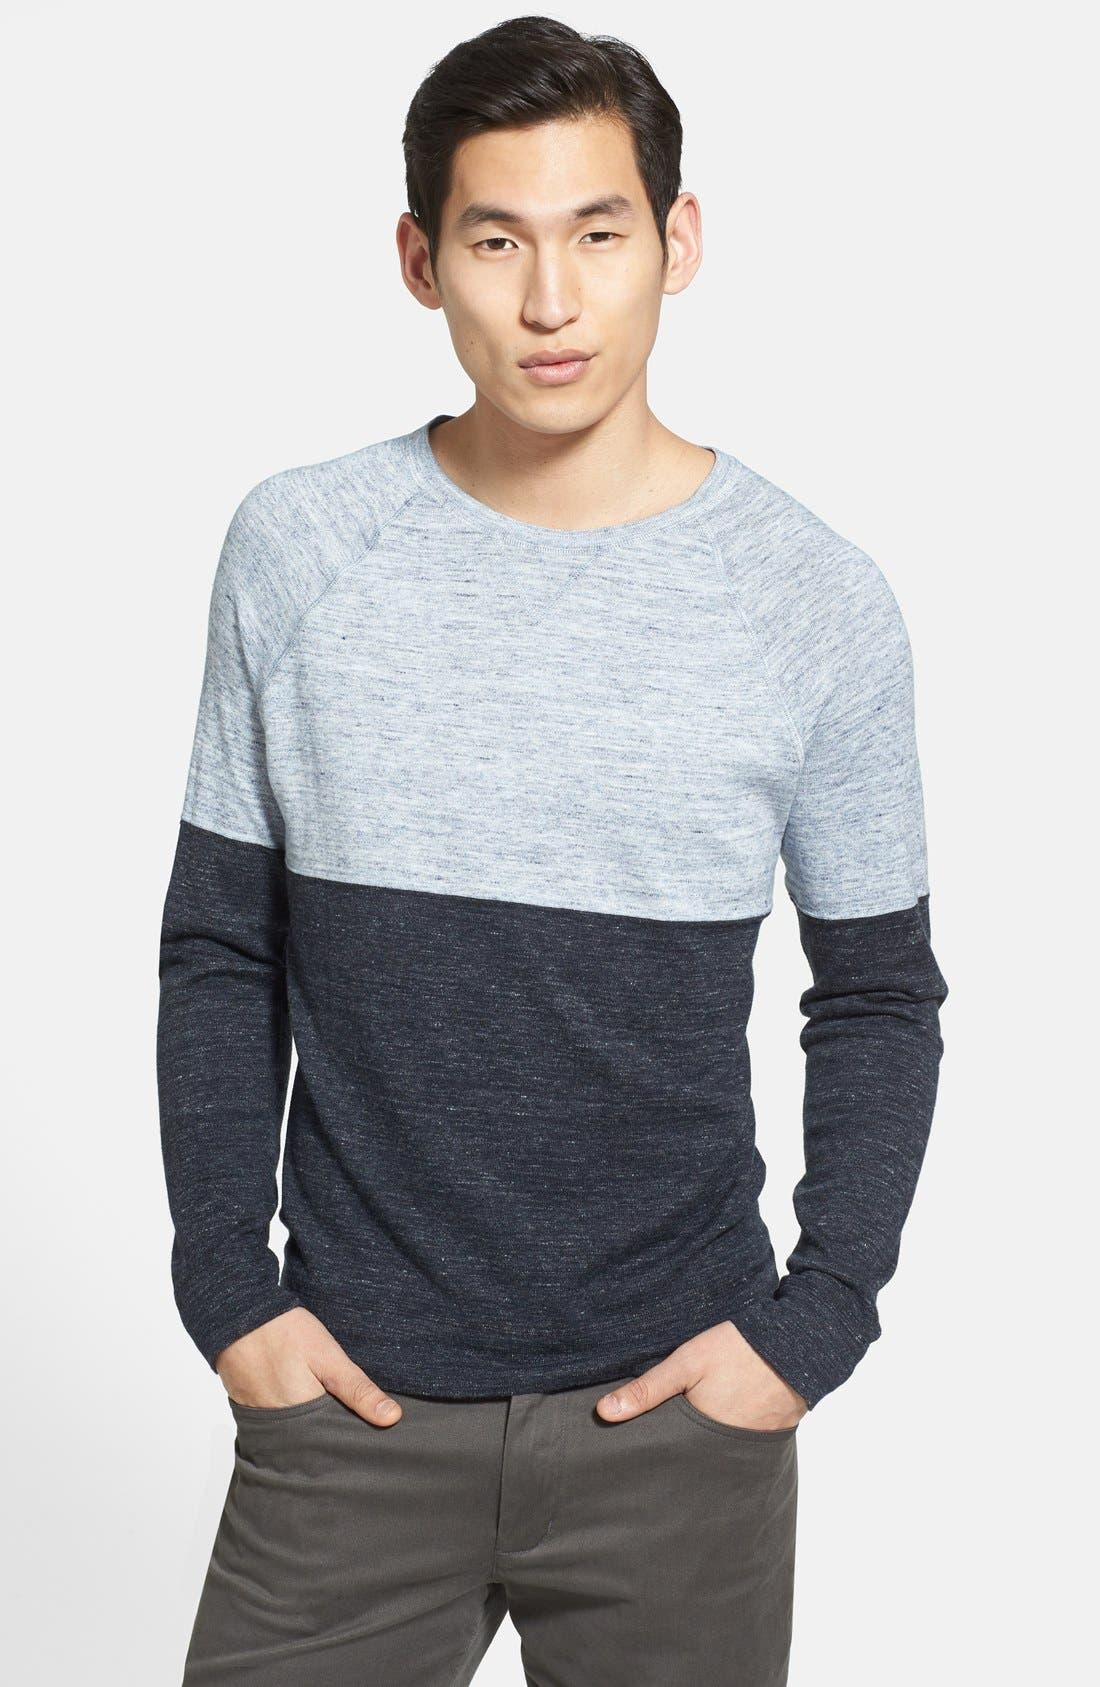 Alternate Image 1 Selected - Vince 'Breezy' Colorblock Crewneck Sweater